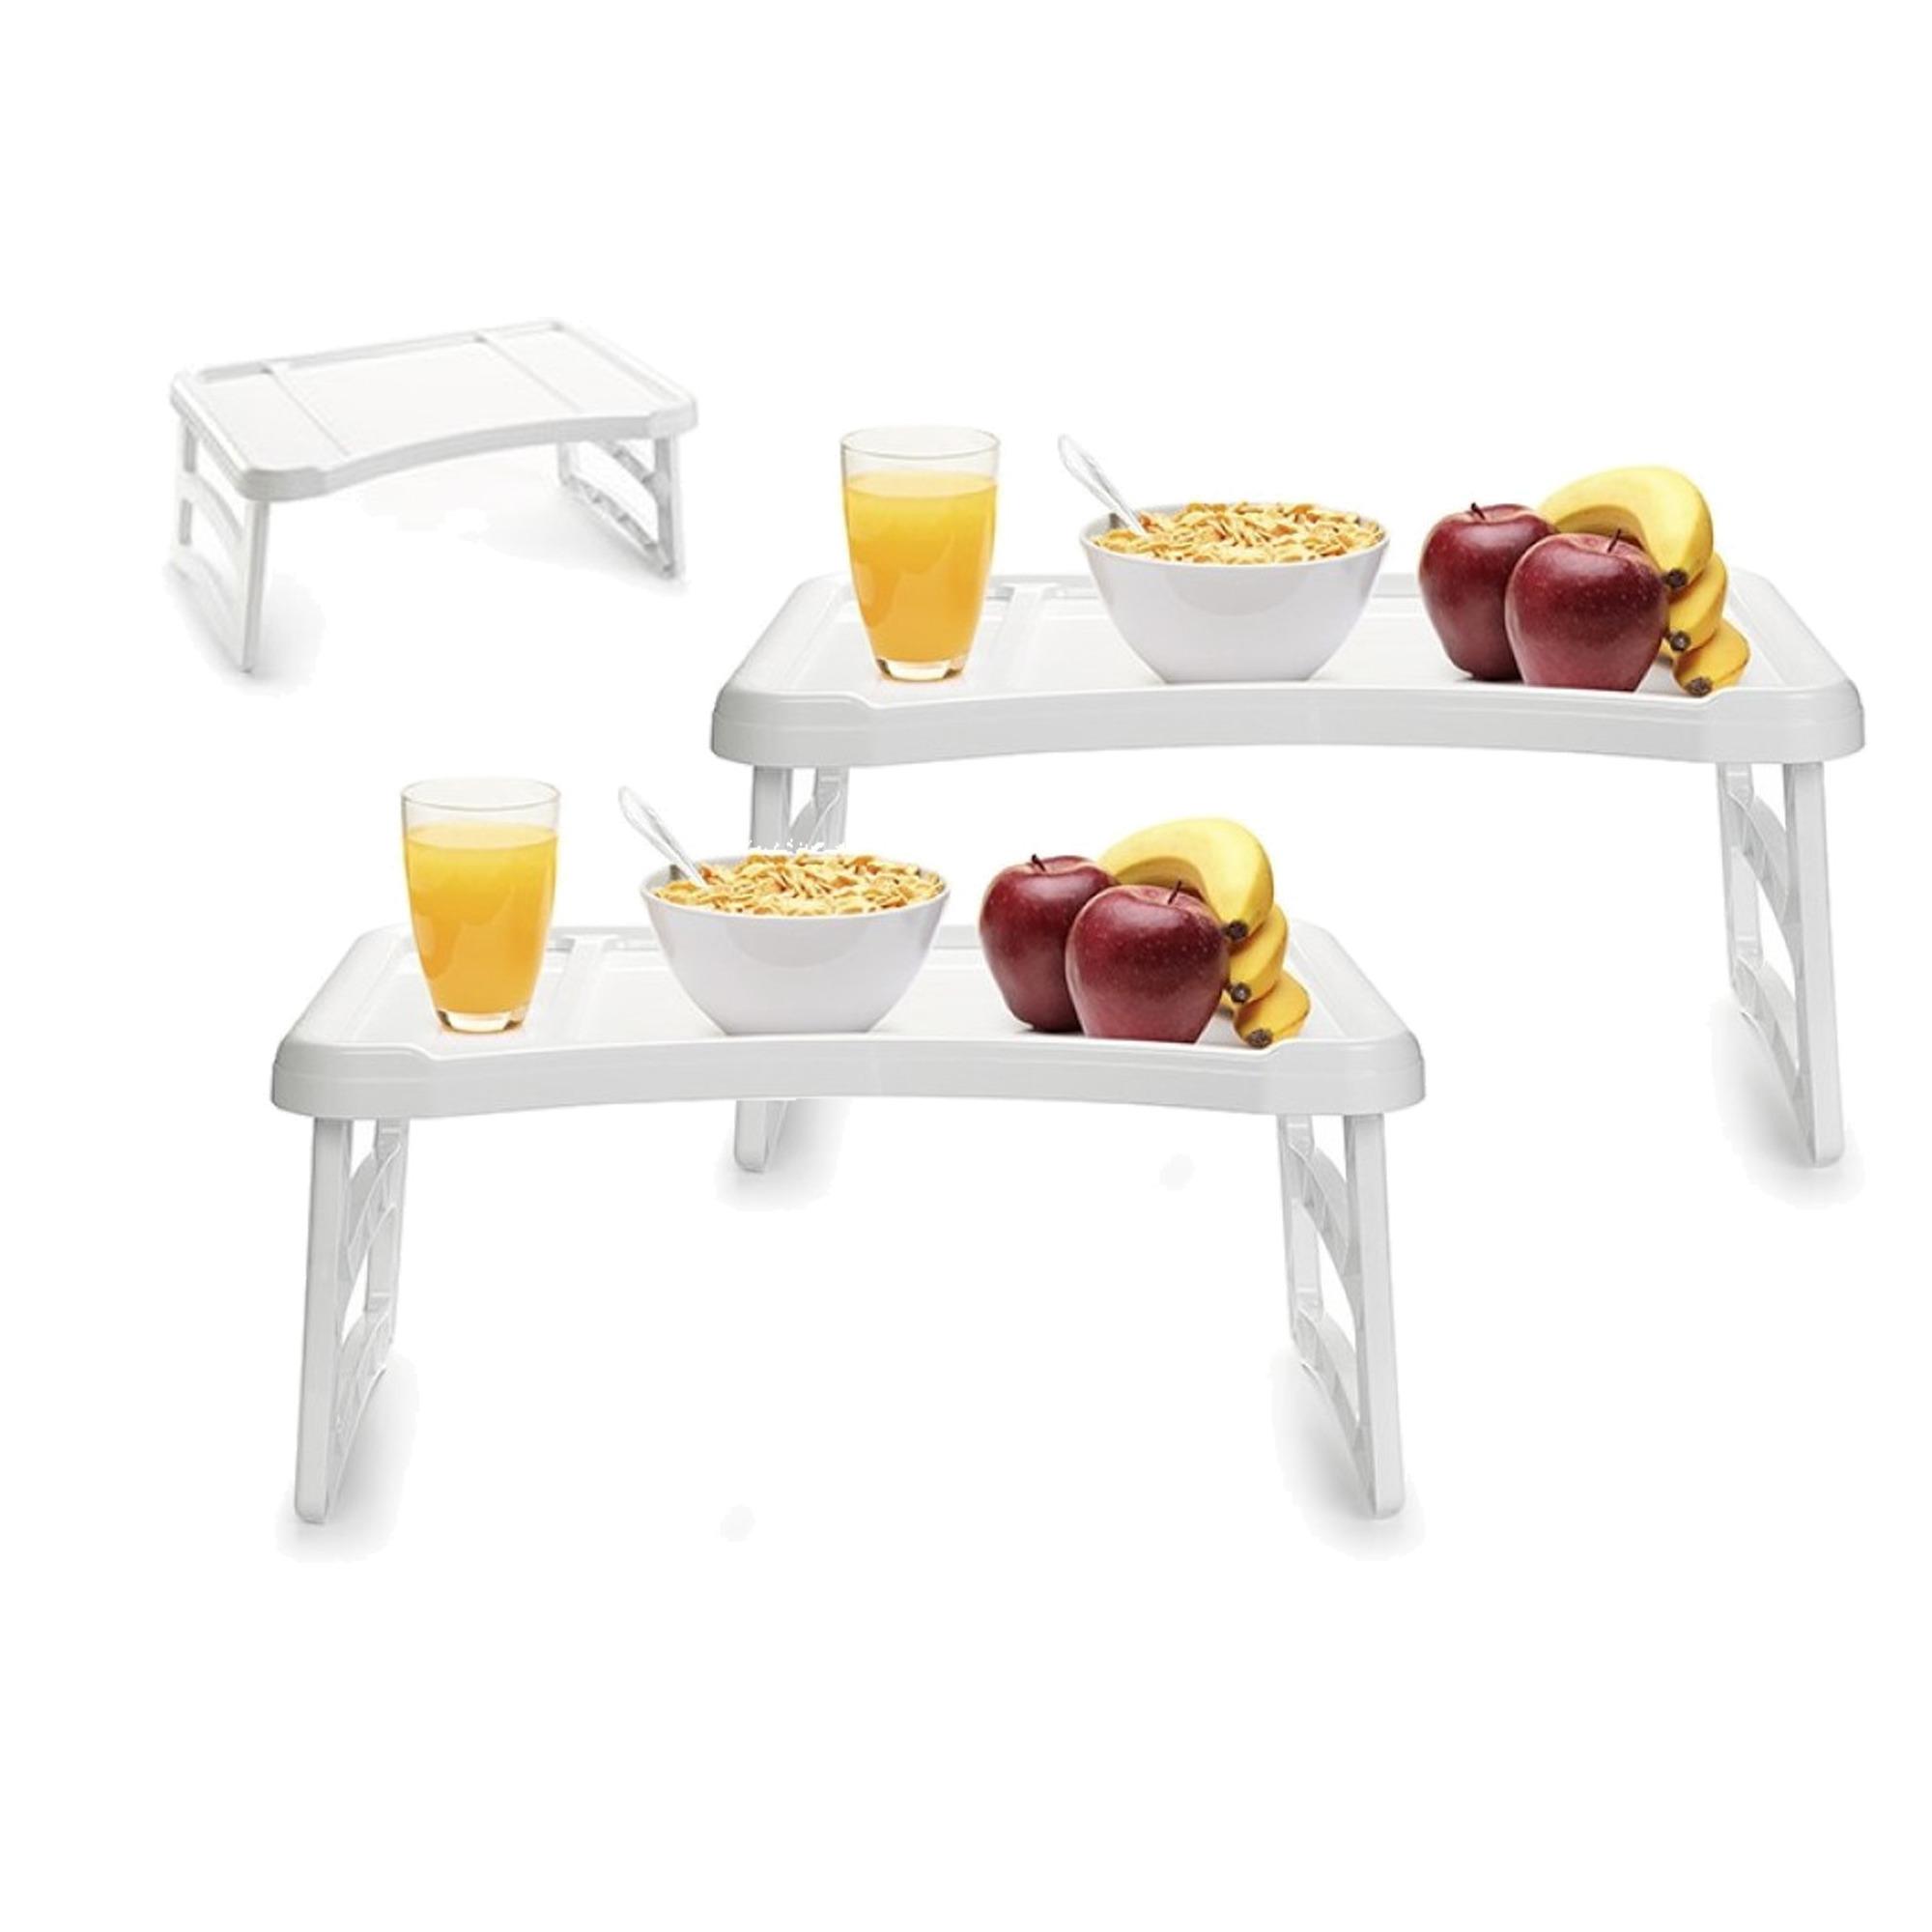 2x stuks ontbijt op bed dienblad/tafeltjes 51 x 33 cm